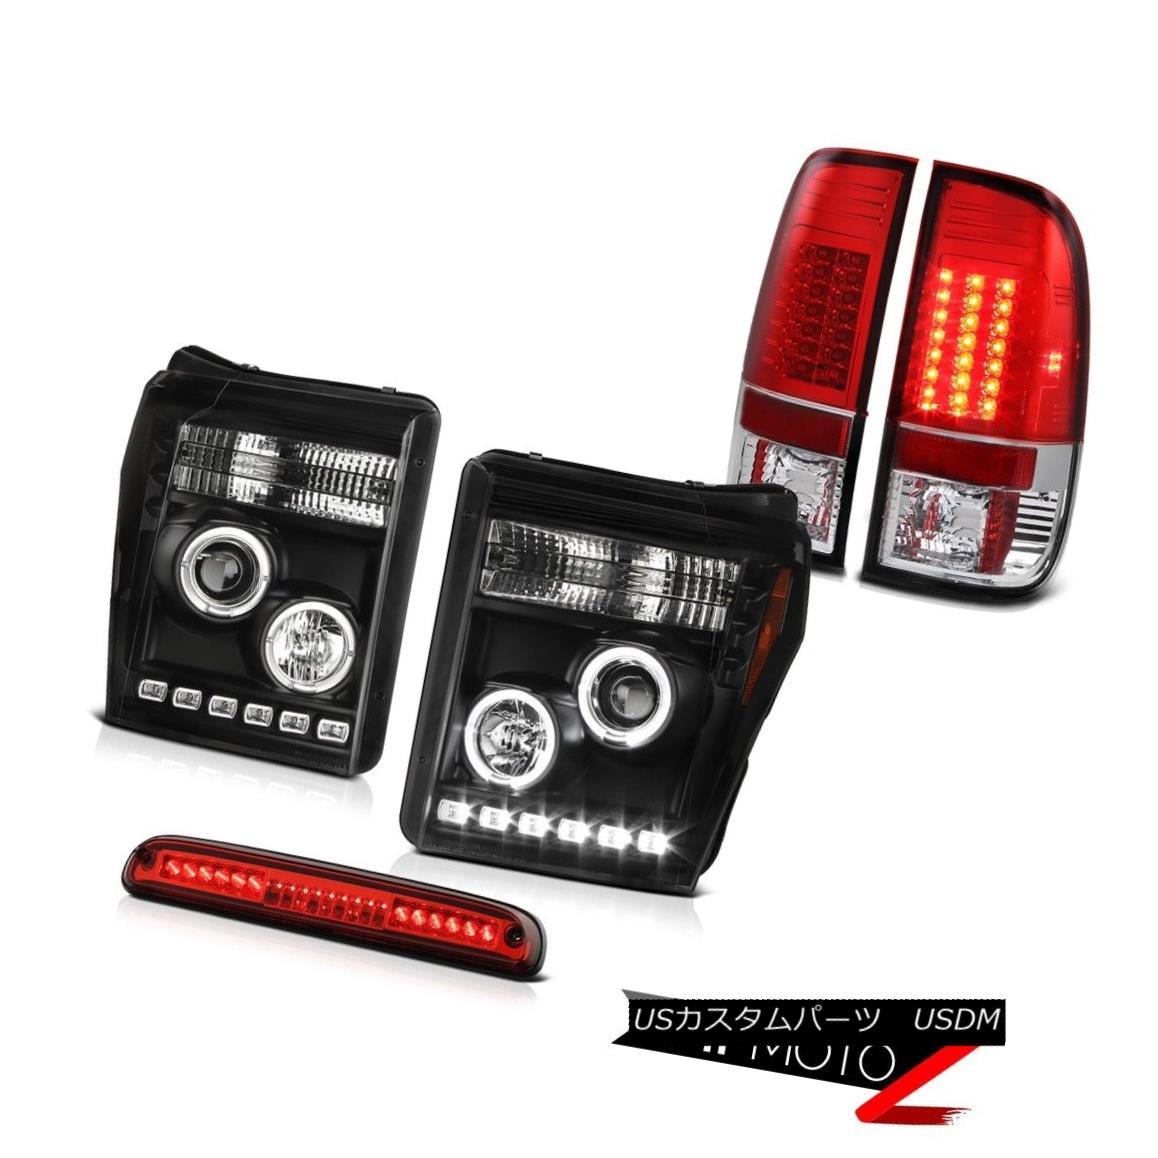 ヘッドライト 2011-2016 F350 Lariat Wine Red Third Brake Light Tail Lights Headlamps LED SMD 2011-2016 F350ラリアートワインレッド第3ブレーキライトテールライトヘッドランプLED SMD